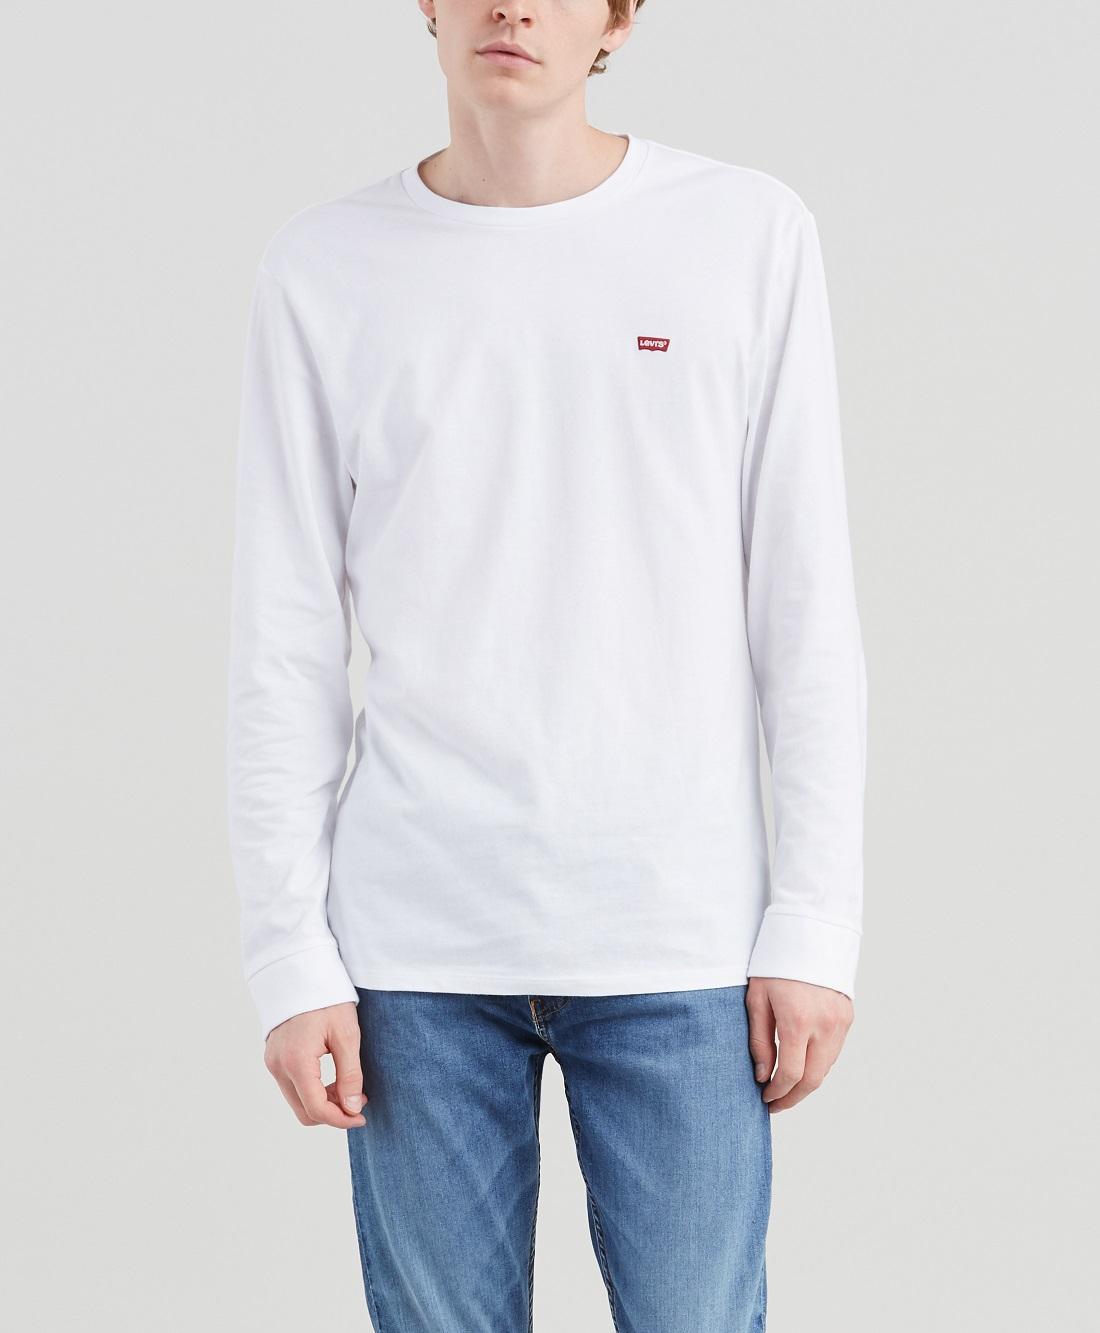 Levis pánské triko s dlouhým rukávem 72848-0000 Bílá XXL